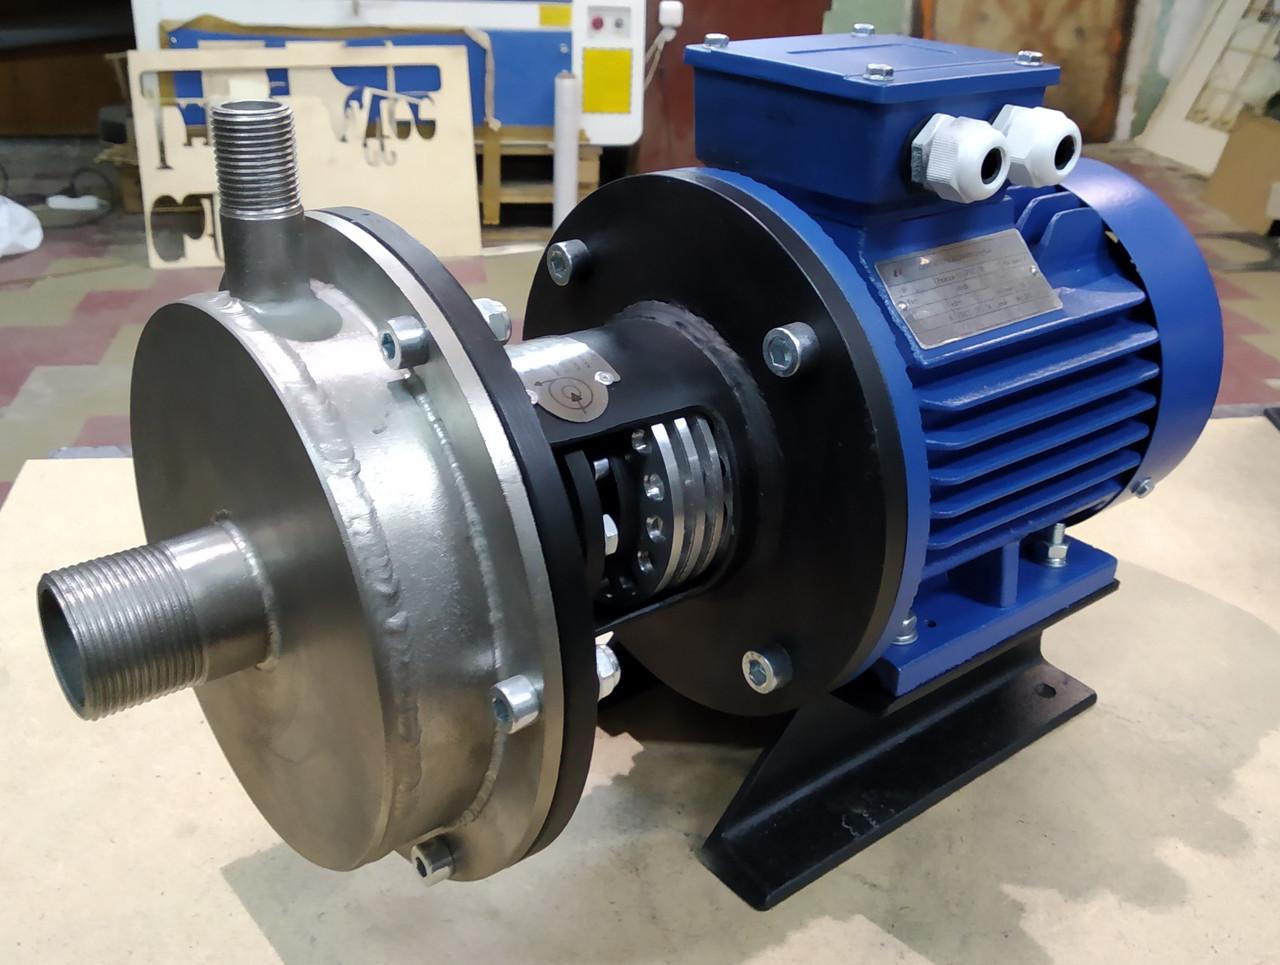 Насос для дизельного палива (ДТ, дизеля, солярки) ДНТ-М 40-25-150